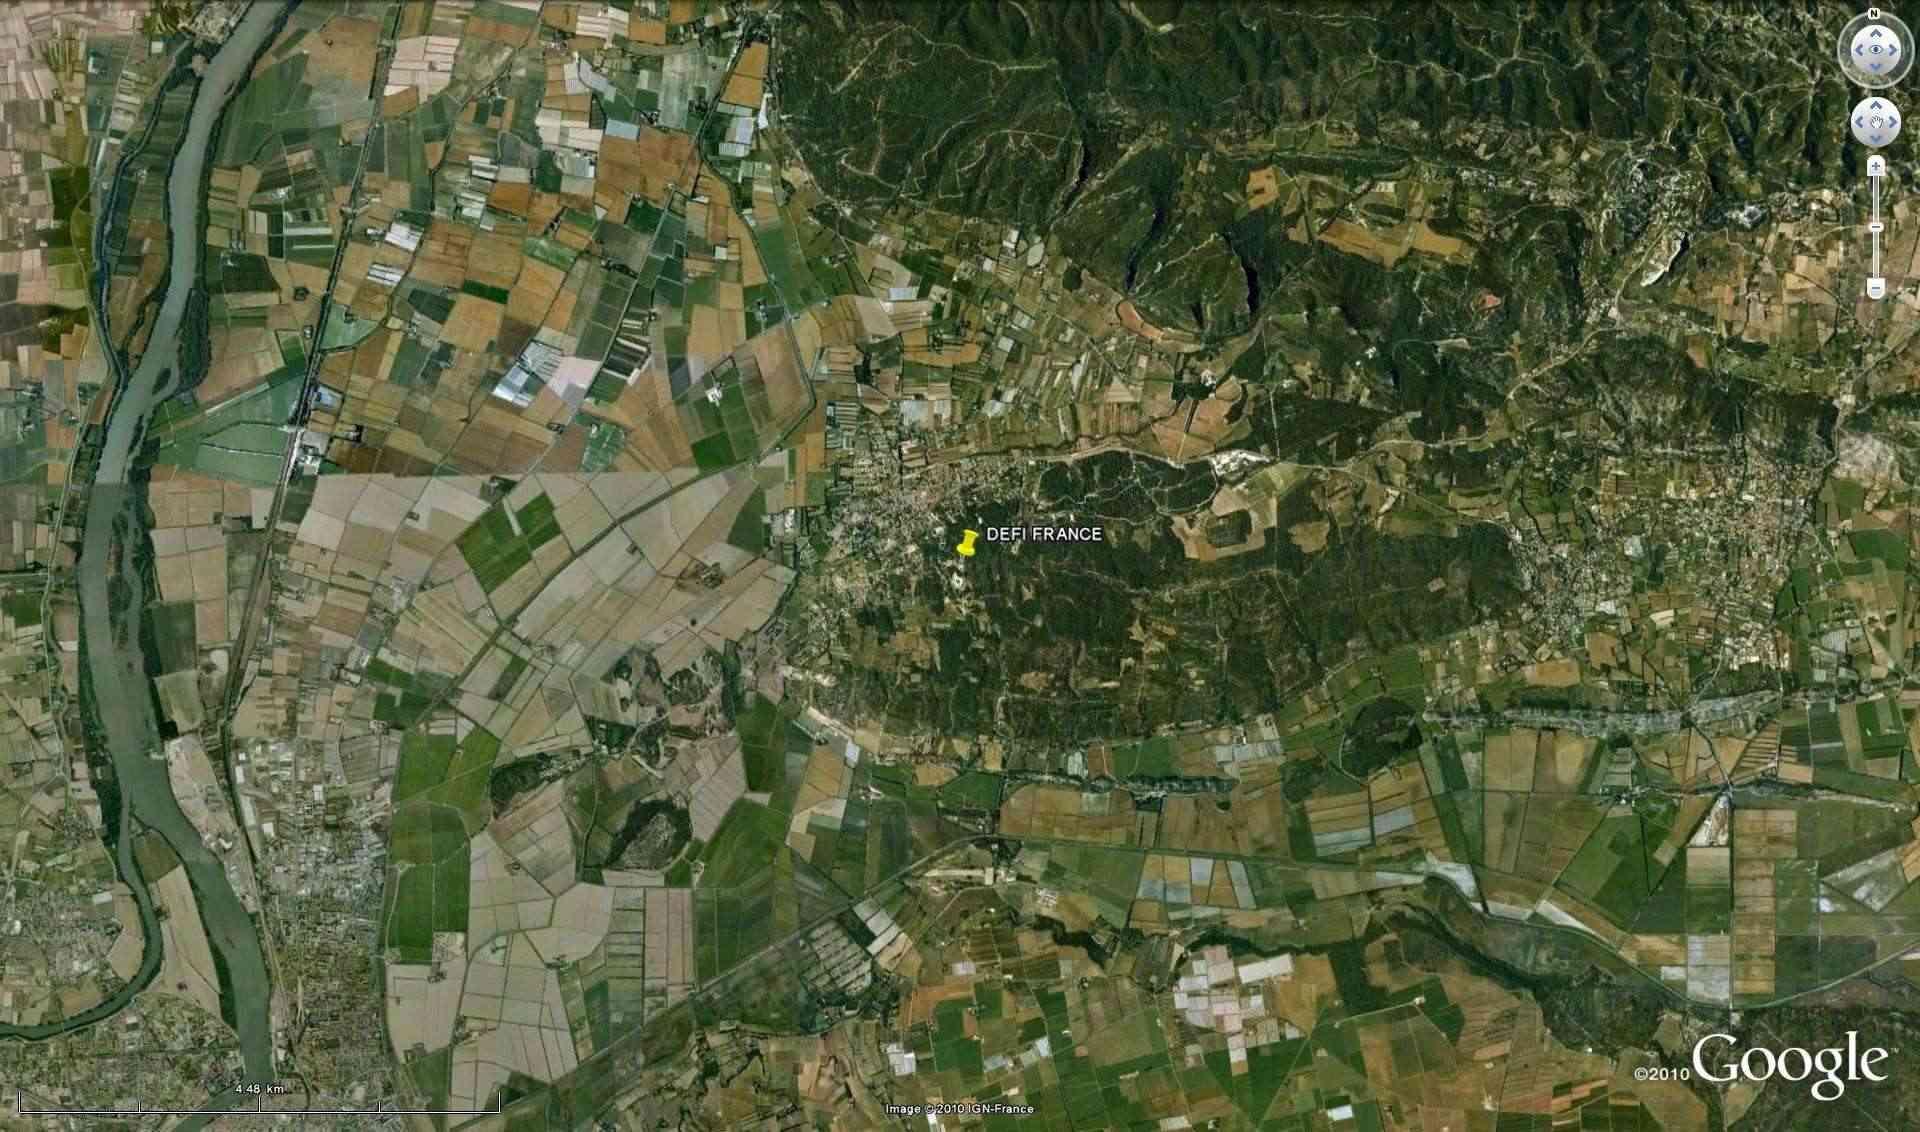 DEFIS ZOOM FRANCE 87 à 155 (Septembre 2010/Juin 2012) - Page 3 Md00410